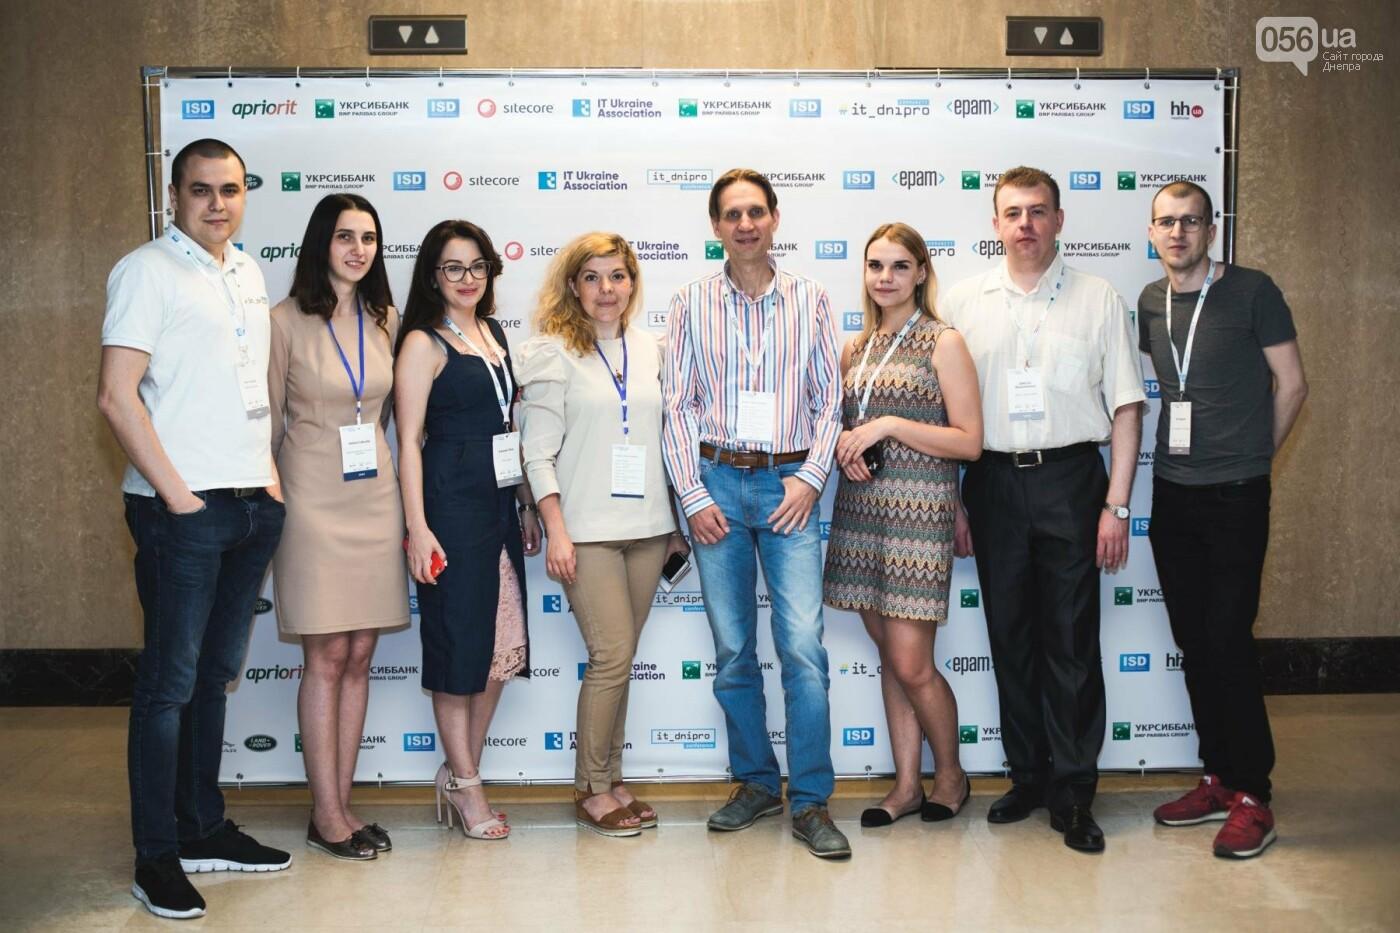 В Днепре прошла бизнес-конференция IT Dnipro Conference: подробности, - ФОТО, фото-11